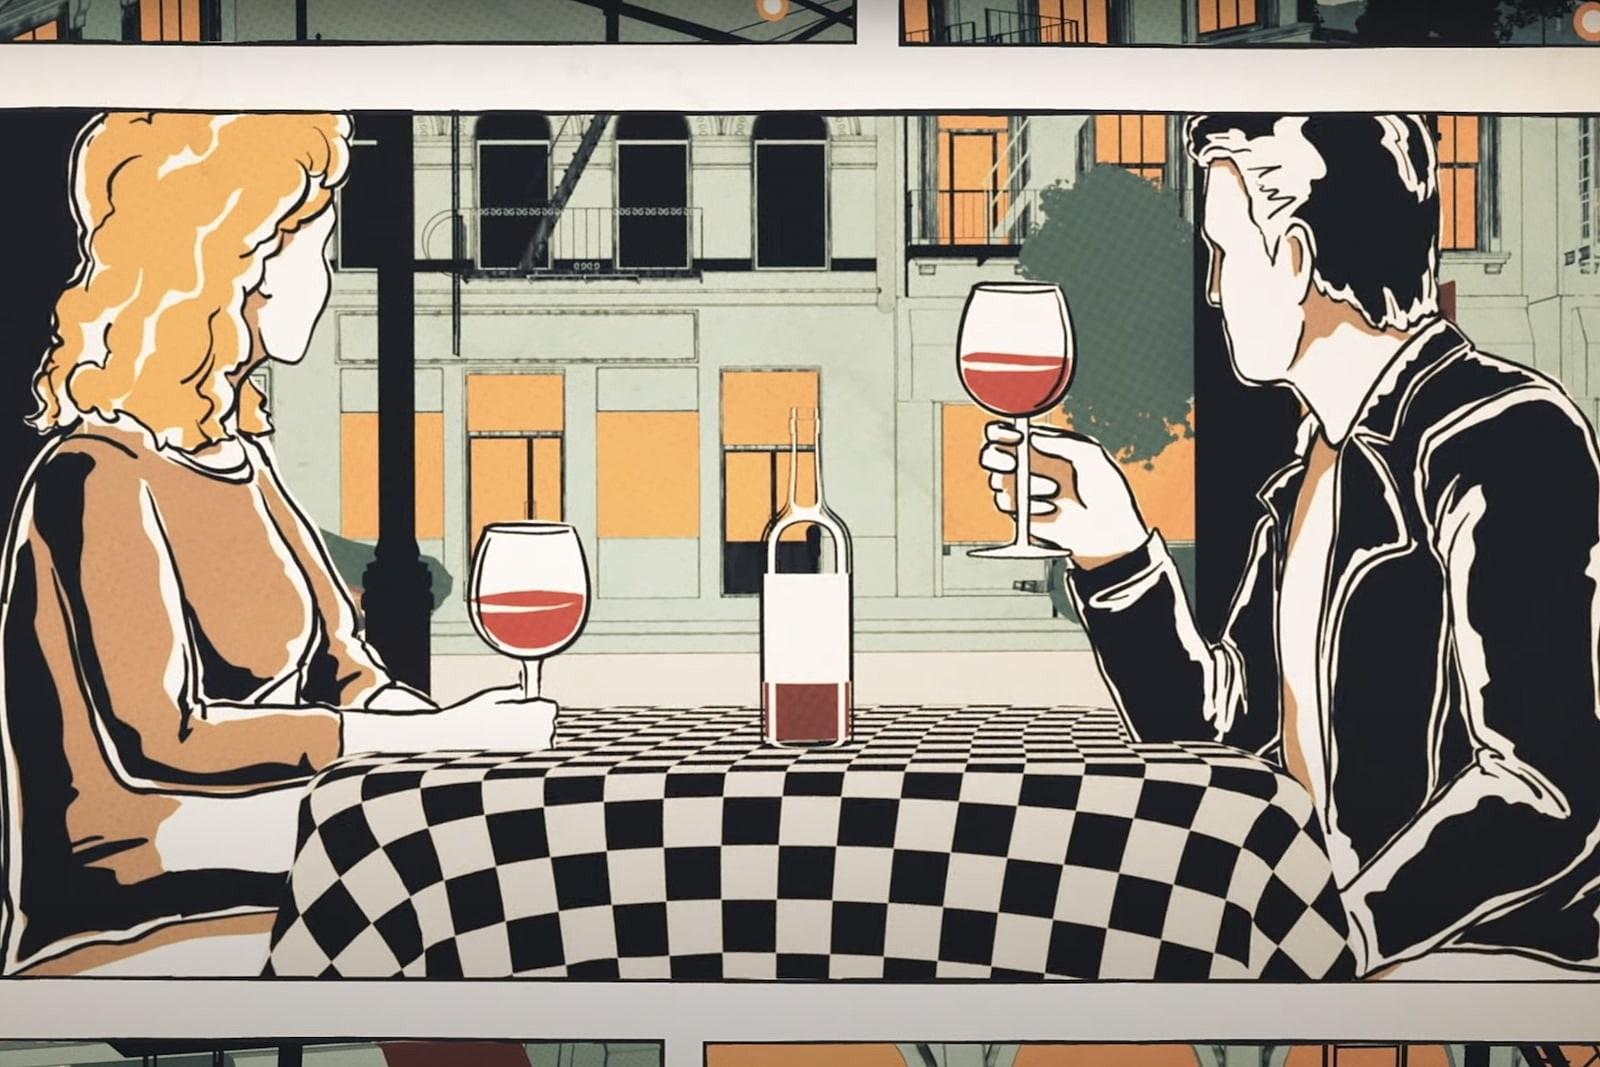 Watch Billy Joel's New 'Scenes From an Italian Restaurant' Video